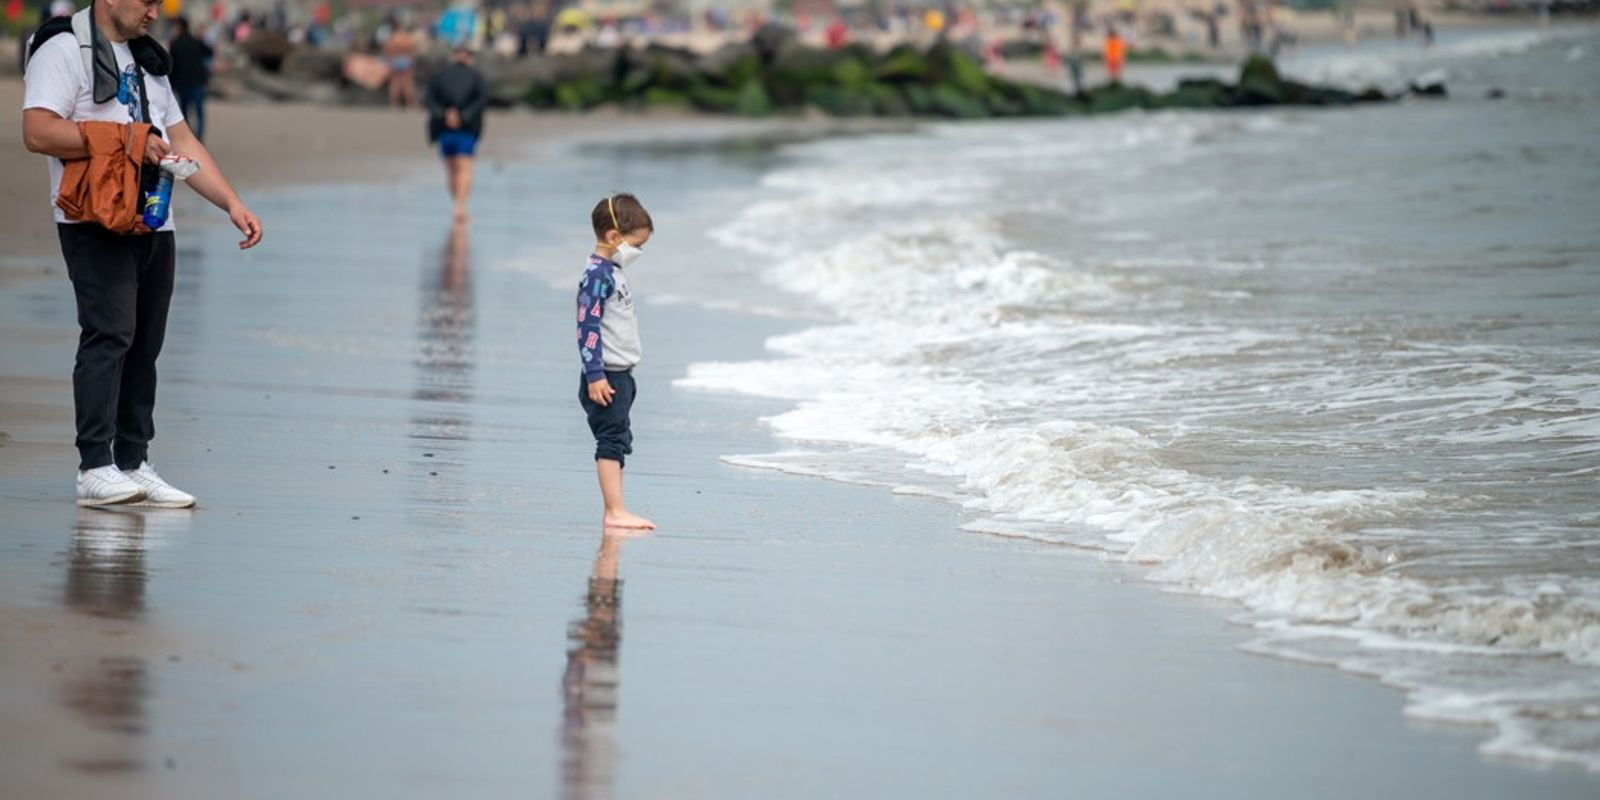 Piscinas? Cinema? Restaurantes? Como os Pais Podem Proporcionar Um Verão Seguro aos Filhos